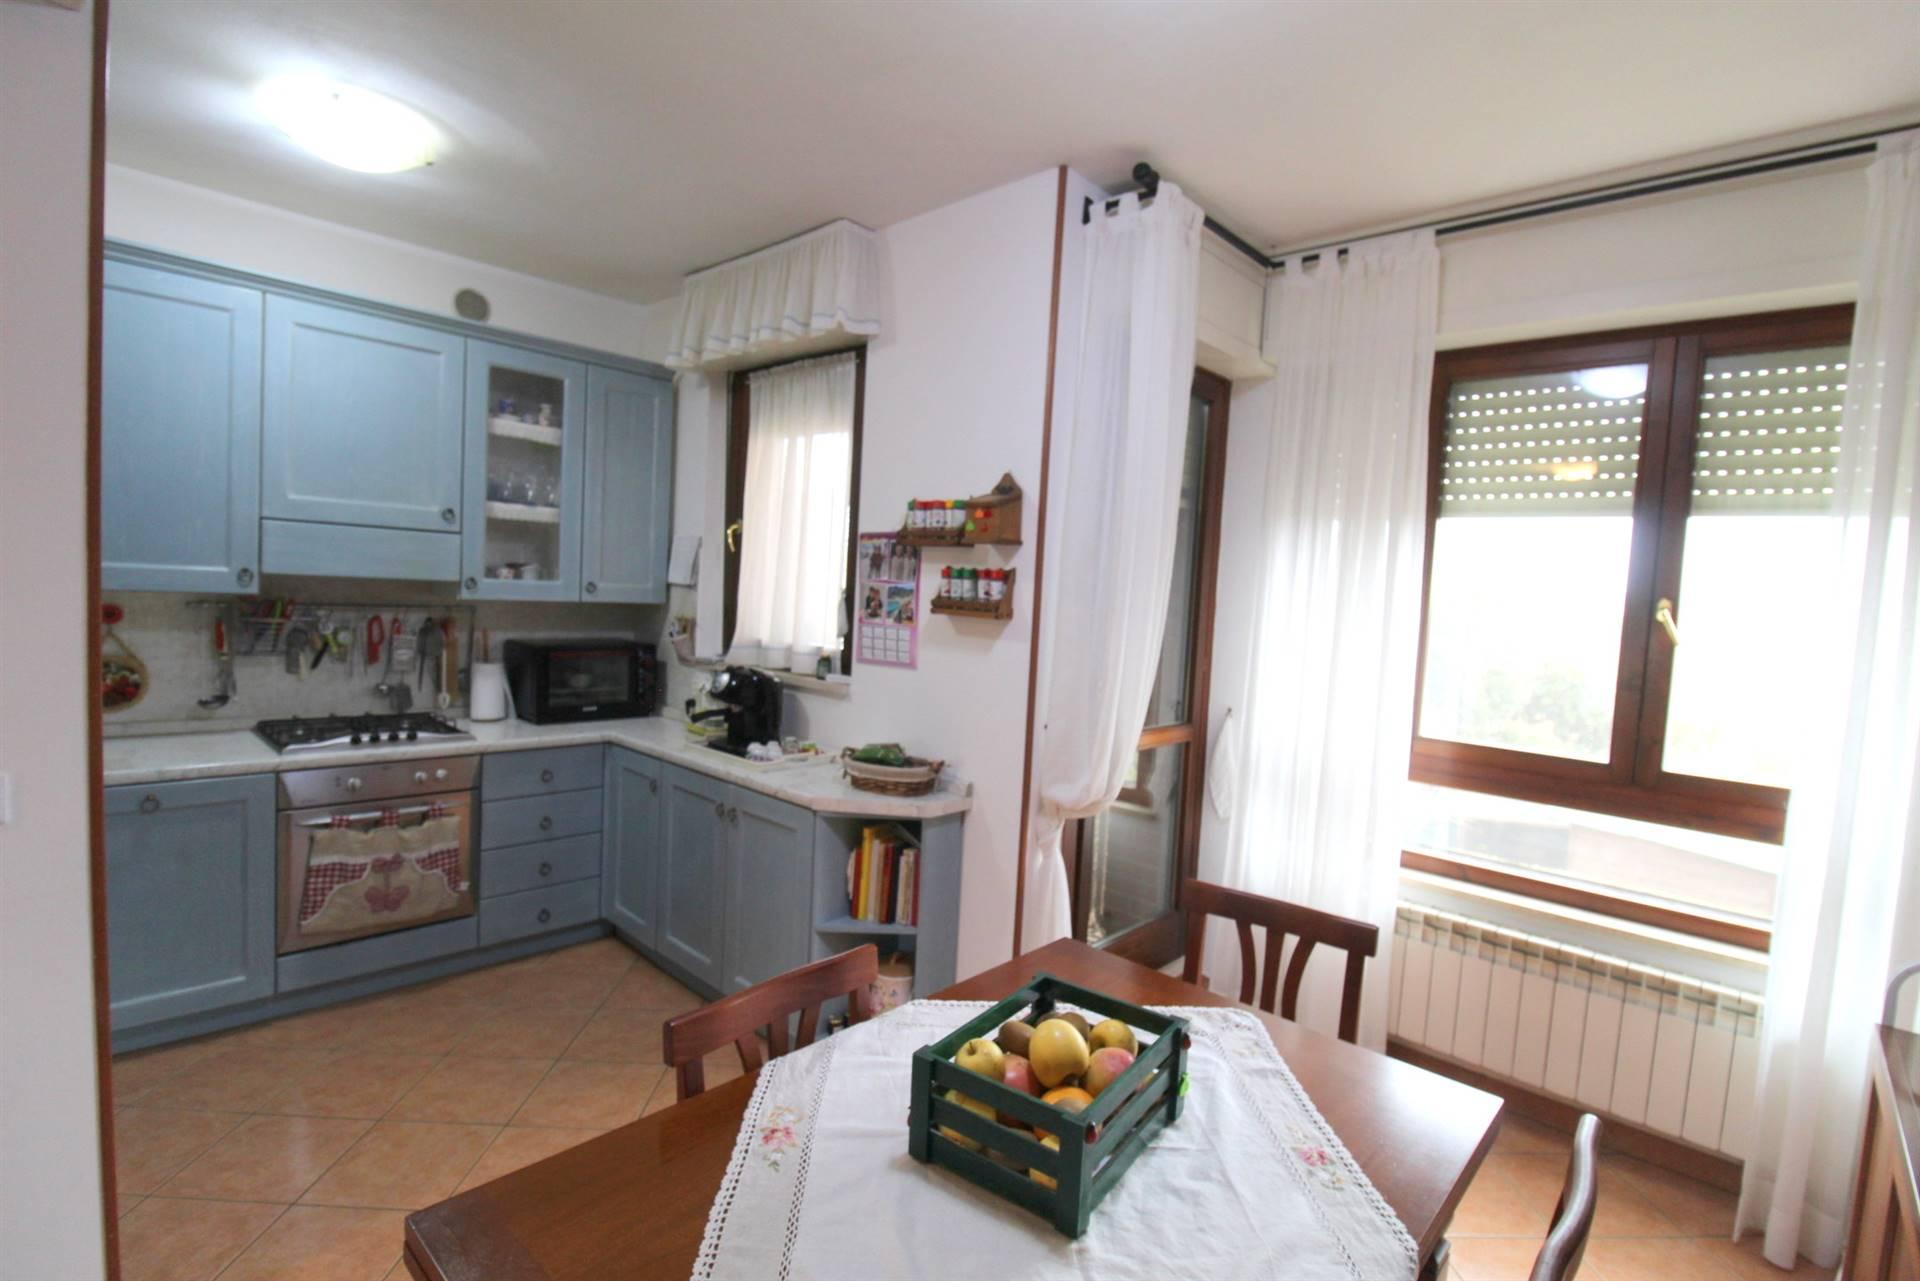 Appartamento in vendita a Monteroni d'Arbia, 4 locali, prezzo € 189.000 | CambioCasa.it